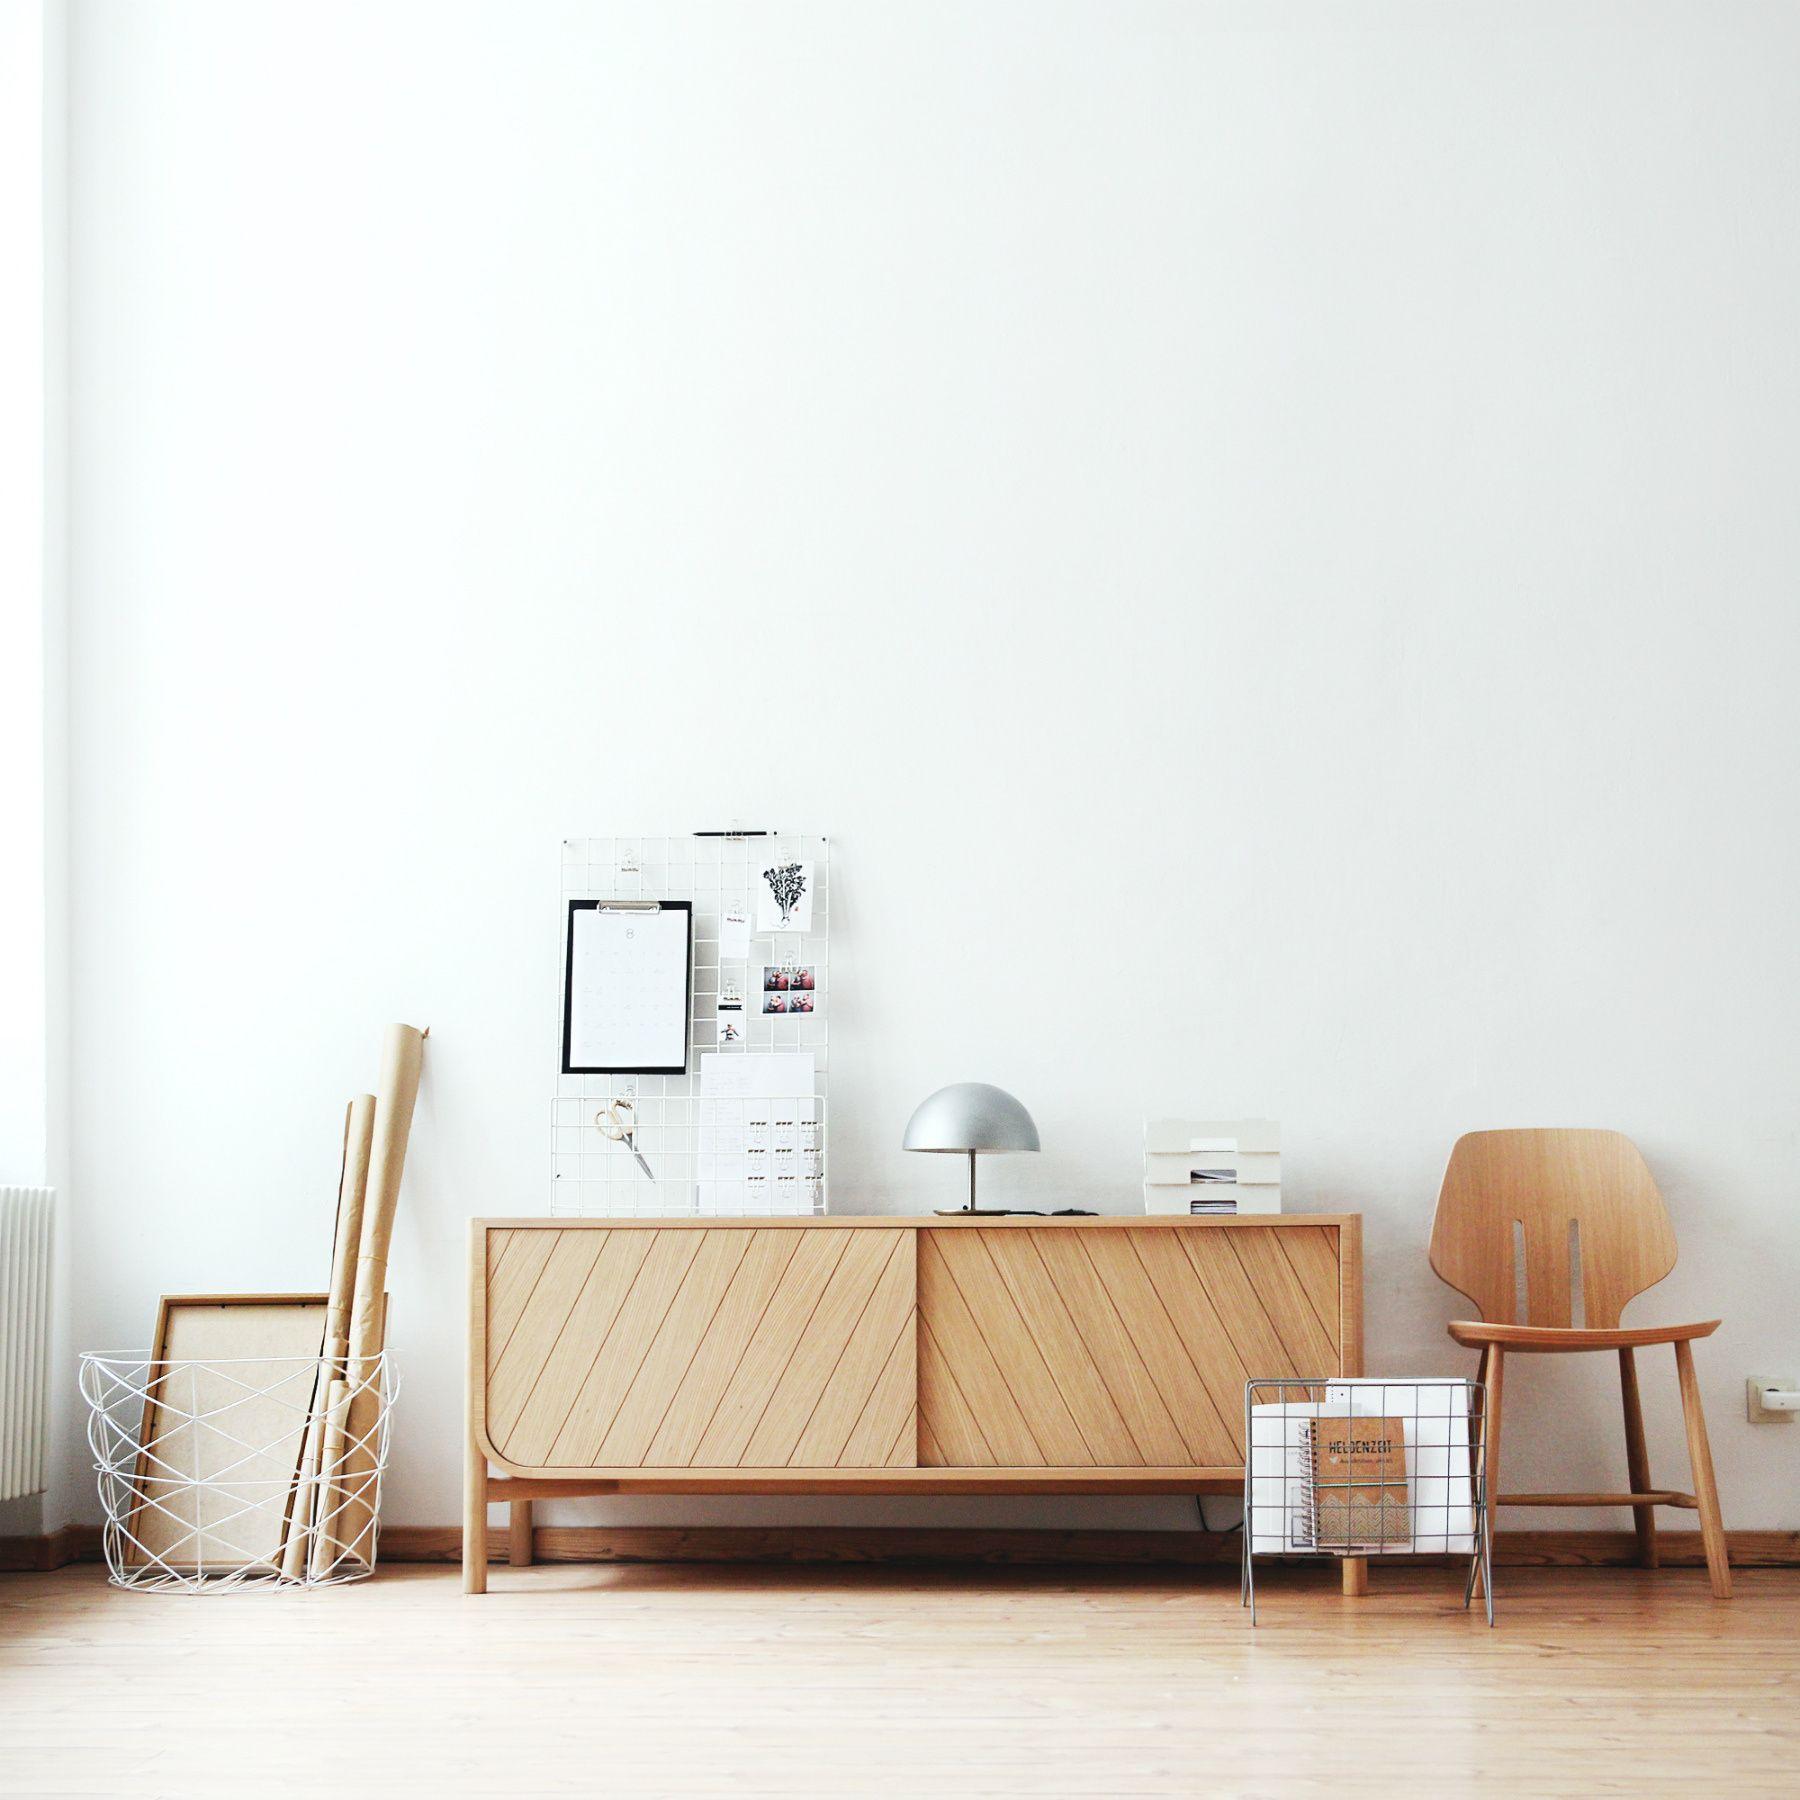 En Casa Minimalista De Jenny Mustard Diseno De Interior Para Apartamento Decoracion Del Hogar Minimalista Muebles Minimalistas